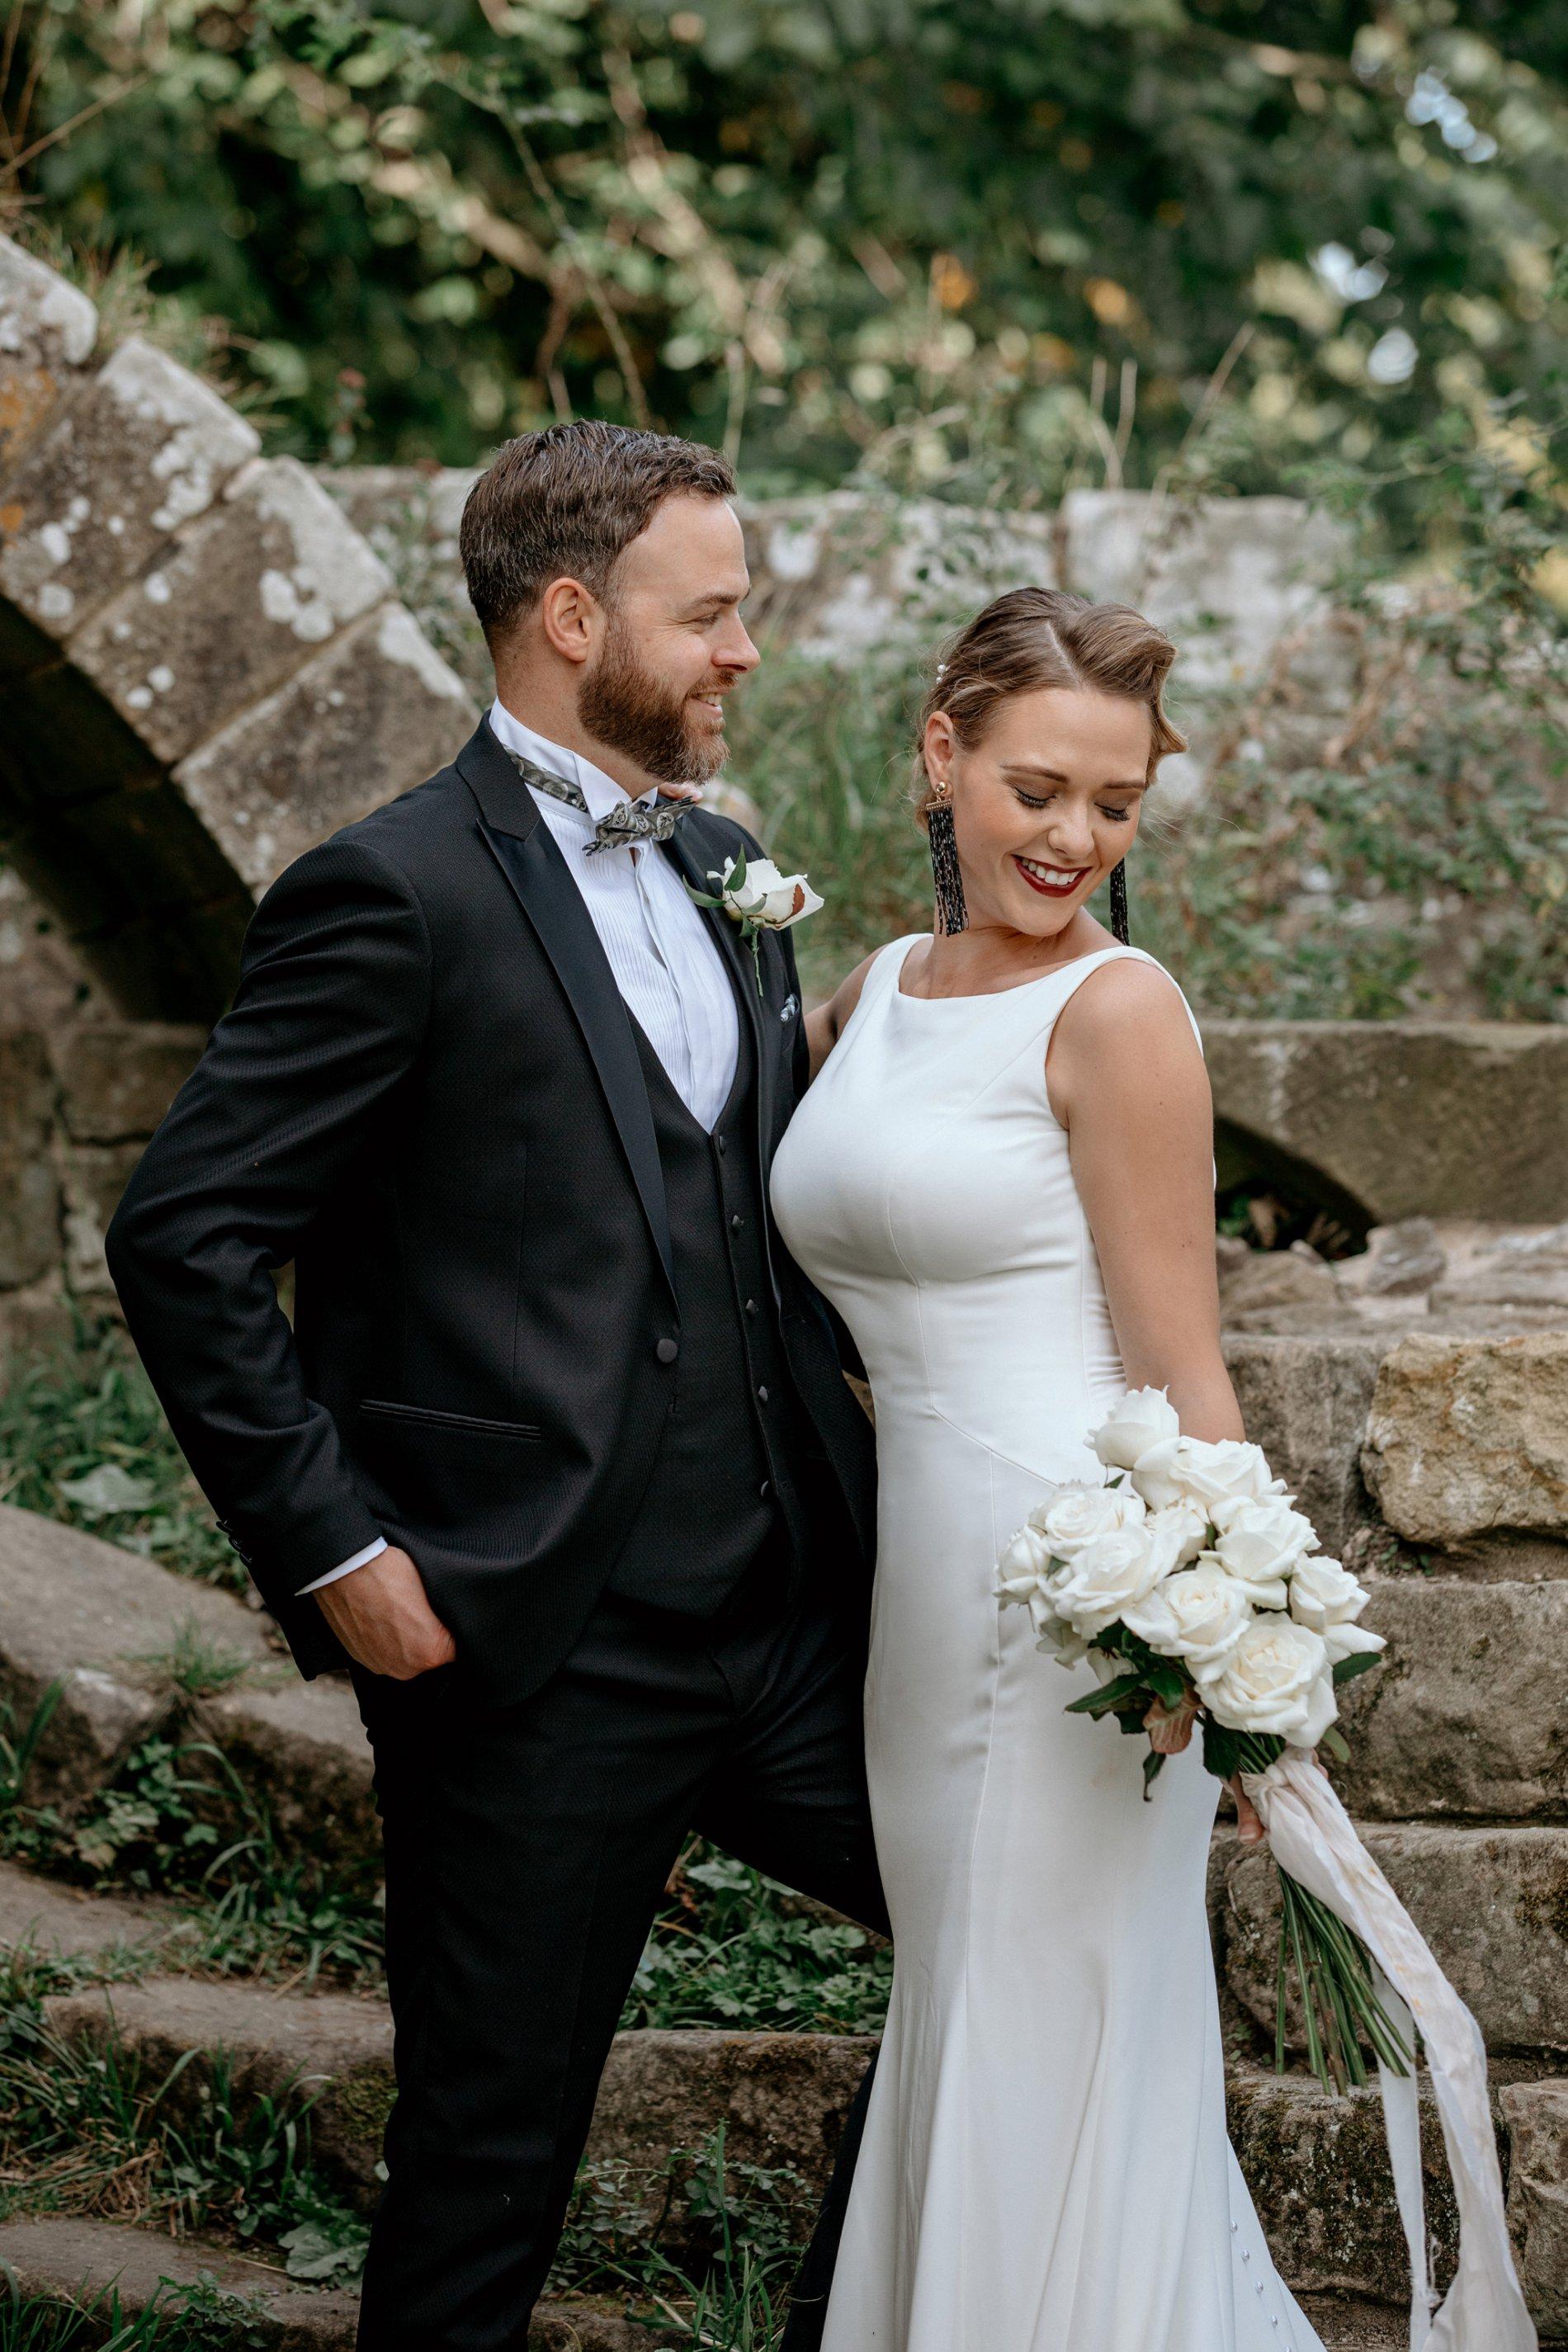 An Elegant Wedding Shoot at Jervaulx Abbey (c) Natalie Hamilton Photography (10)